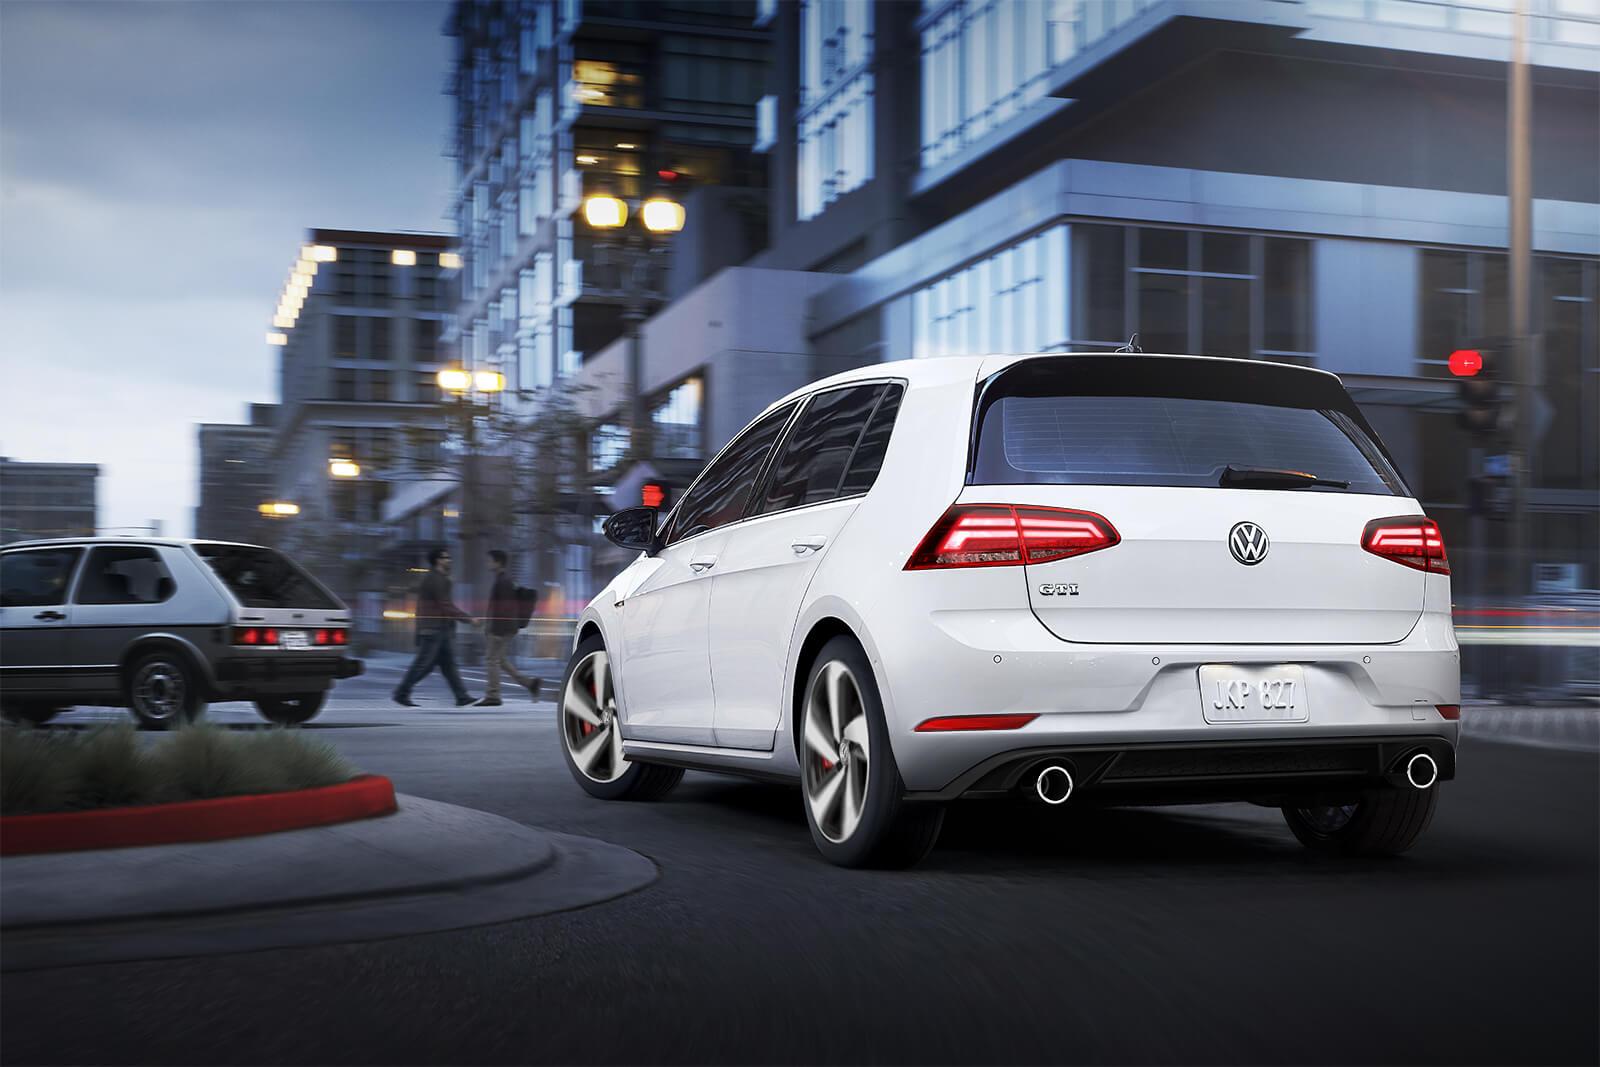 2018 Volkswagen Golf Gti Irvine Auto Center Irvine Ca